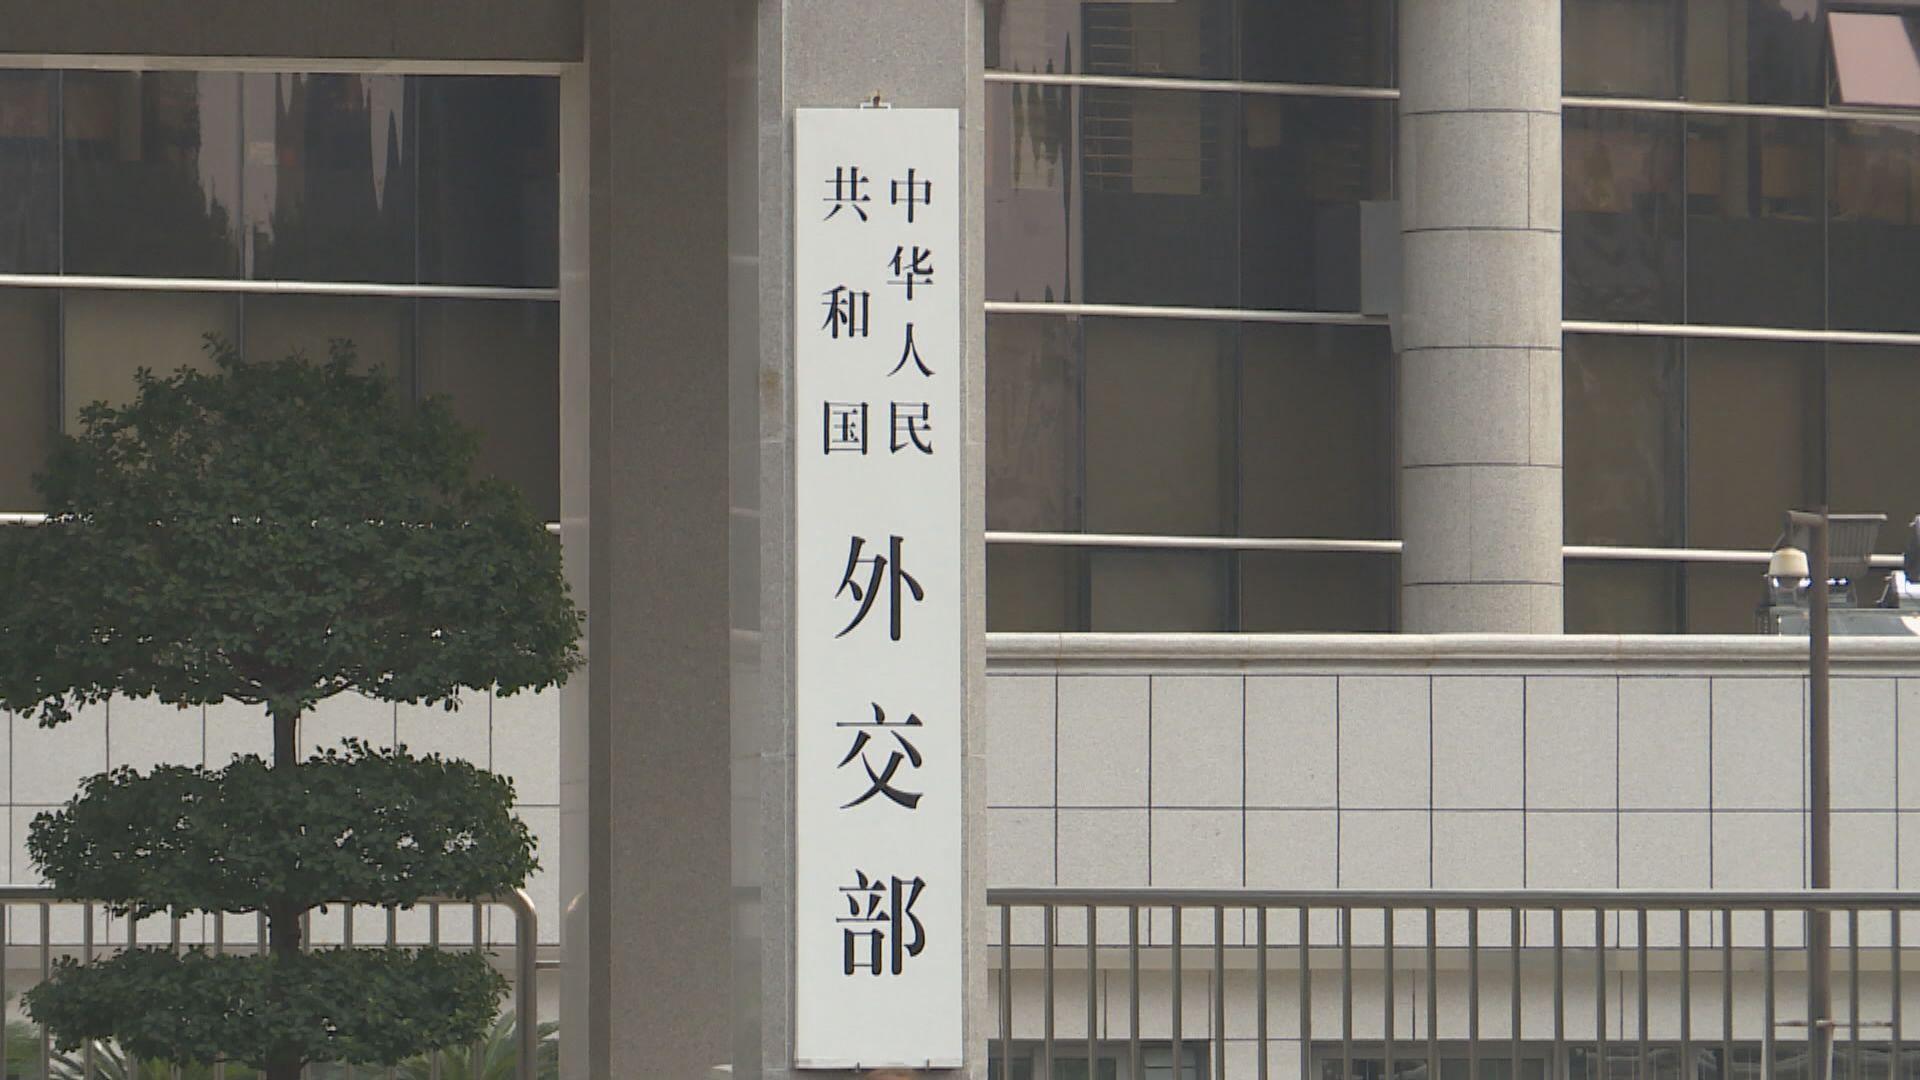 中方堅決反對歐盟加強同台灣合作 反對台灣官員訪歐